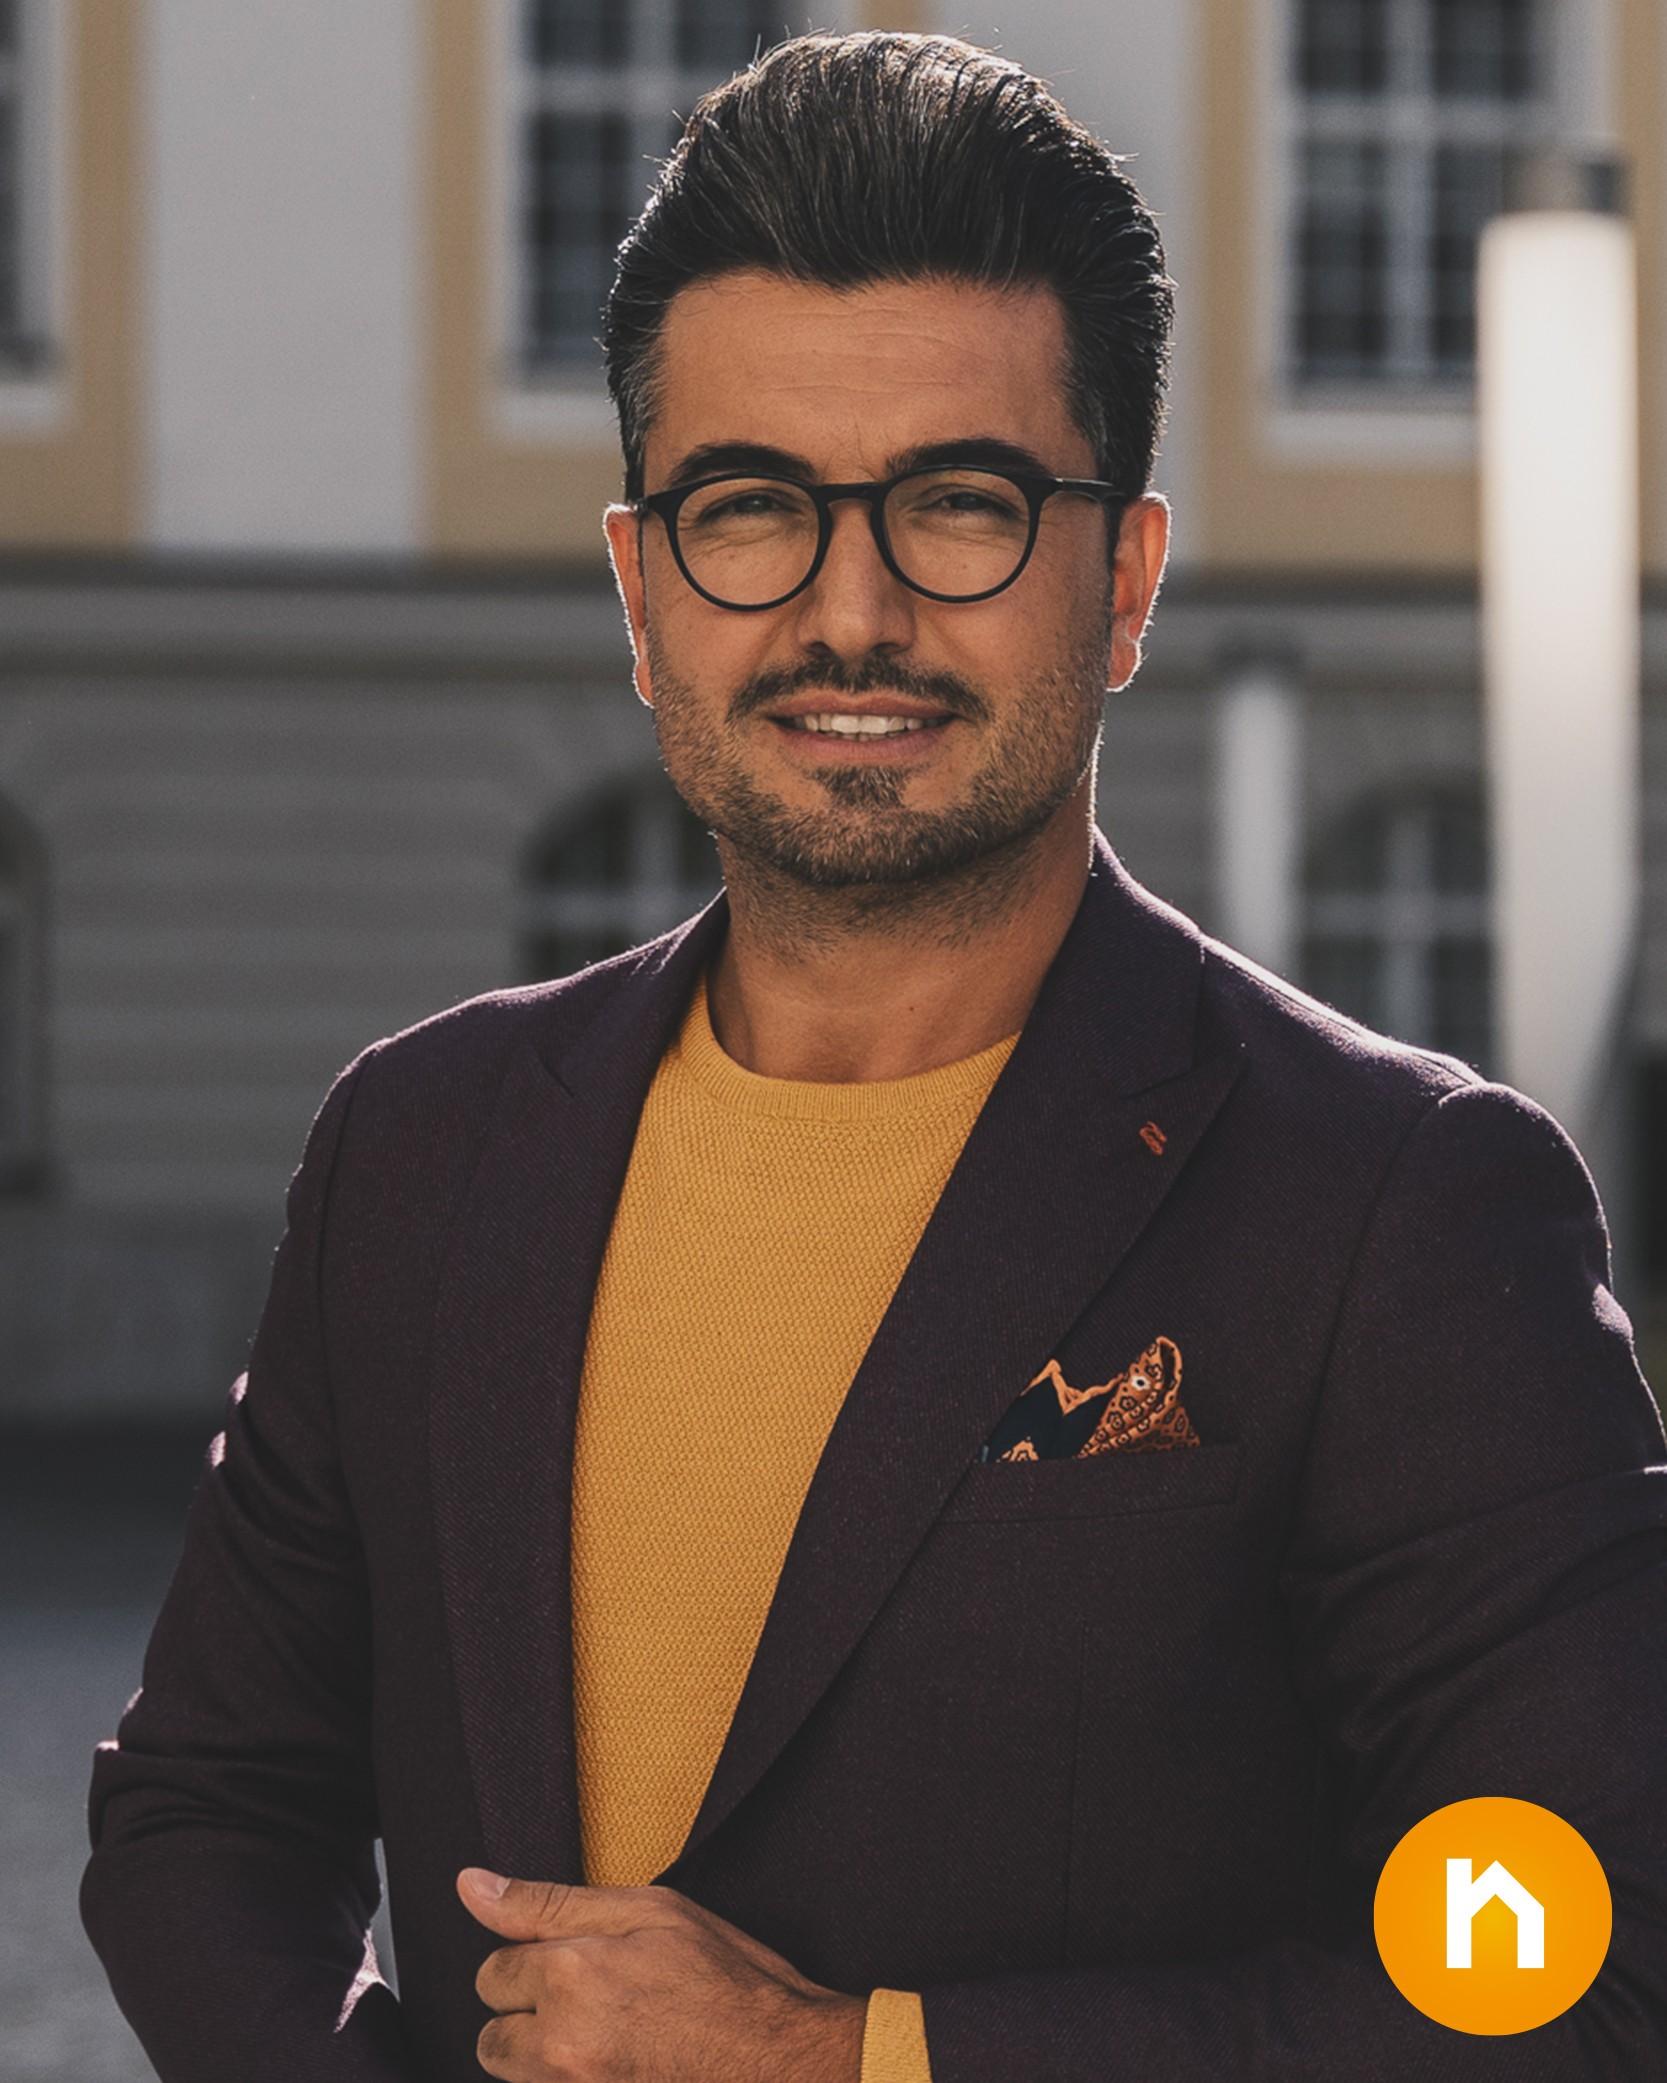 Mesut Yikilmaz - Gründer & Geschäftsführer